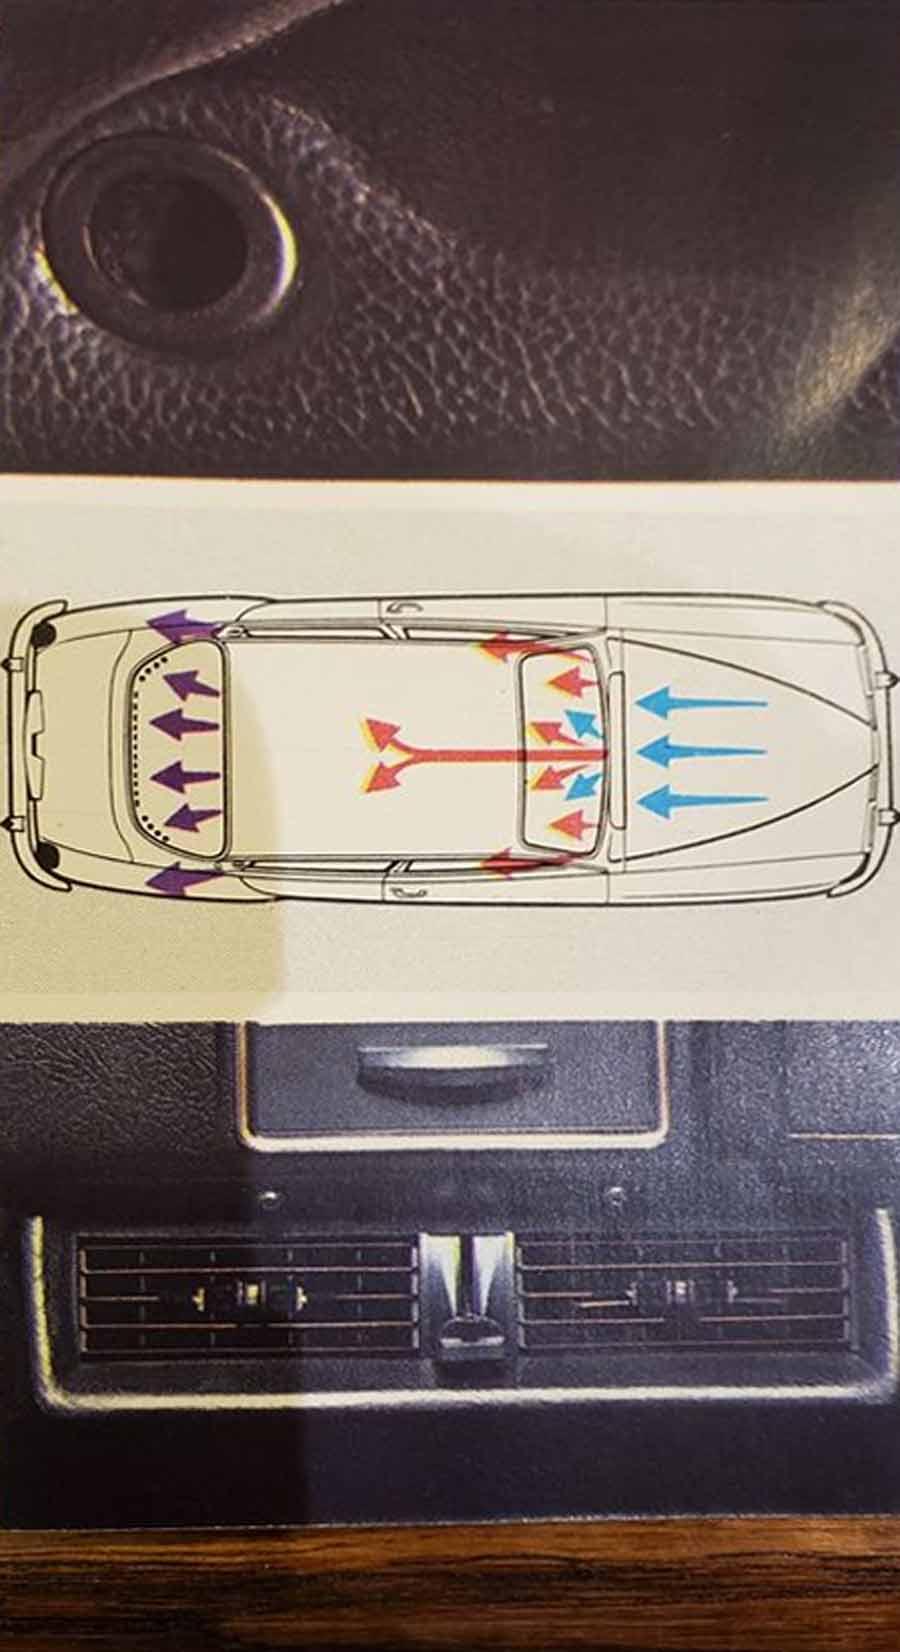 Saab 96 - the Air Flow thru the car scheme